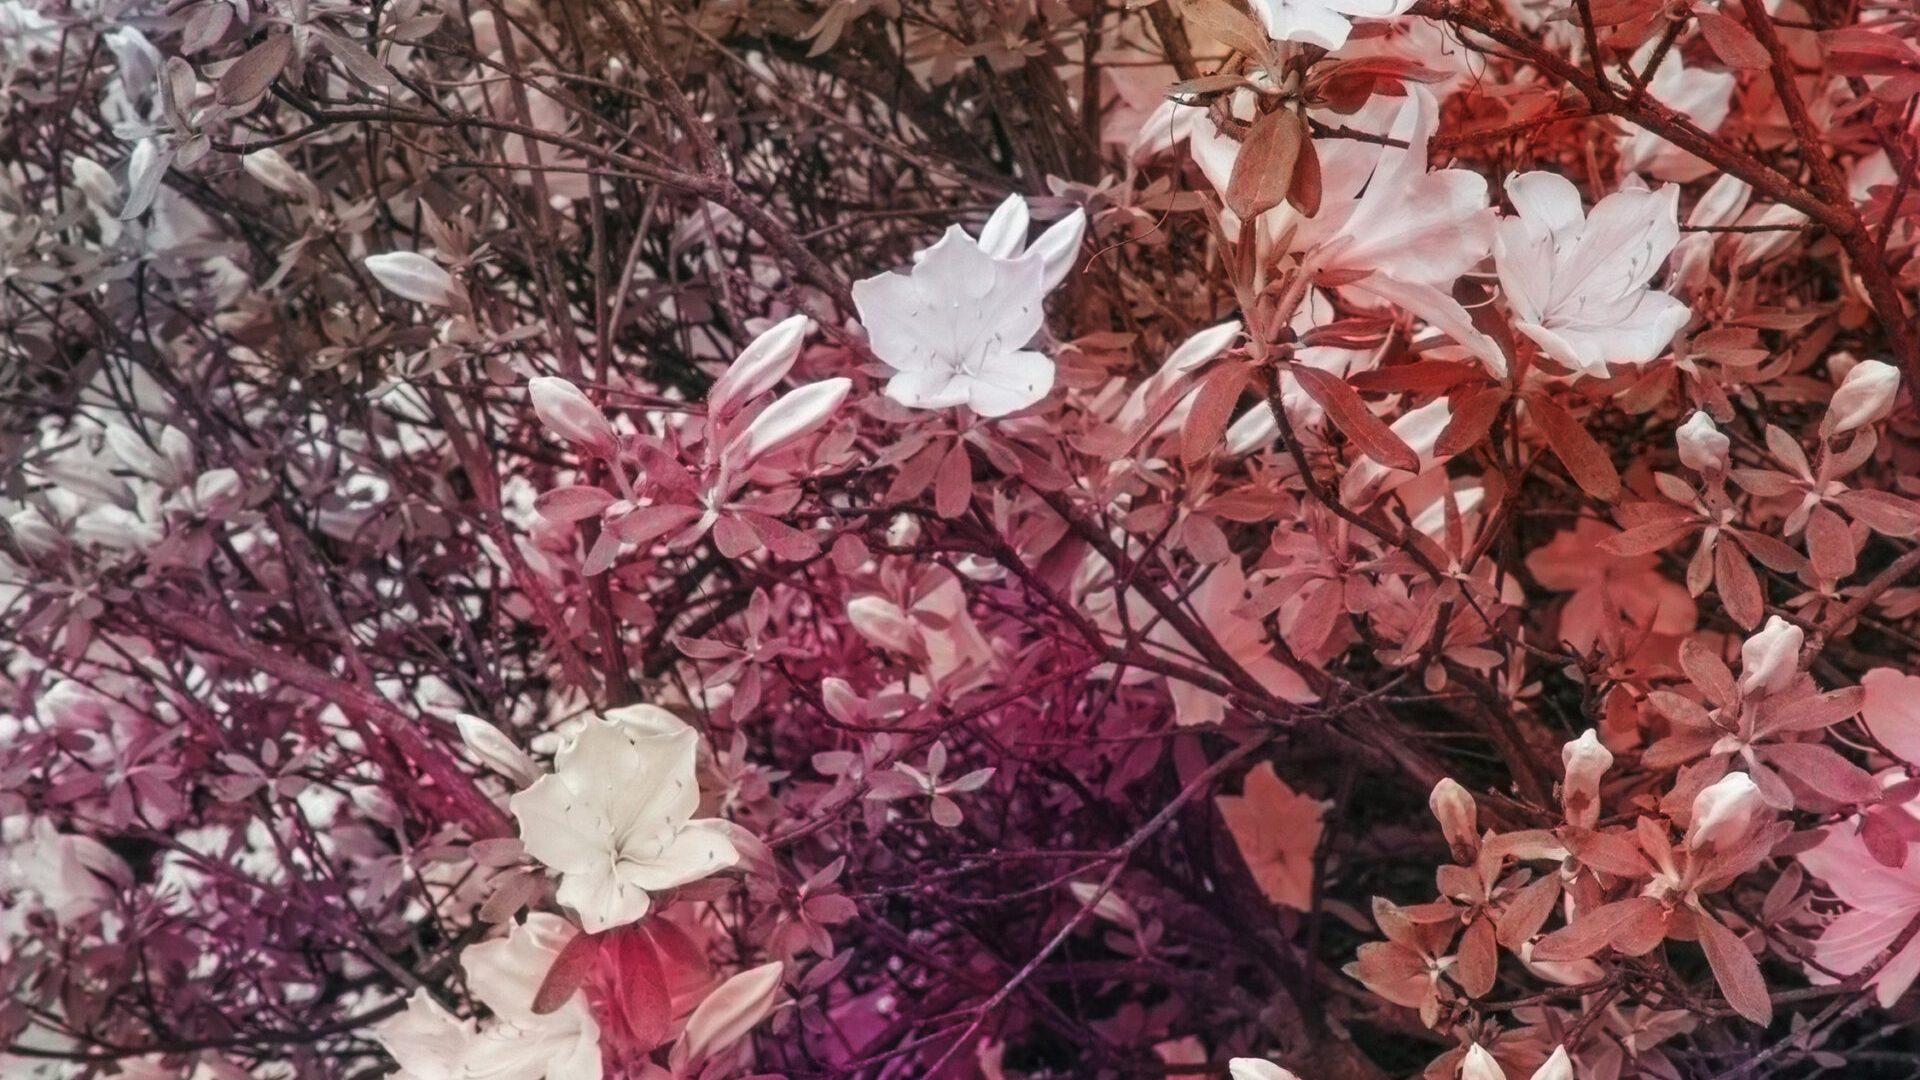 """Trevor Paglen, Bloom (#7f595e), 2020, dye sublimation print, 137.2 cm × 102.9 cm (54"""" × 40-1/2""""), 140 cm × 105.7 cm × 5.1 cm (55-1/8"""" × 41-5/8"""" × 2""""), framed, Edition 1 of 5, Edition of 5 + 2 APs, PHOTO, No. 75665.01, Alt # 387, format of photography: digital, source of photography: Trevor Paglen Studio"""